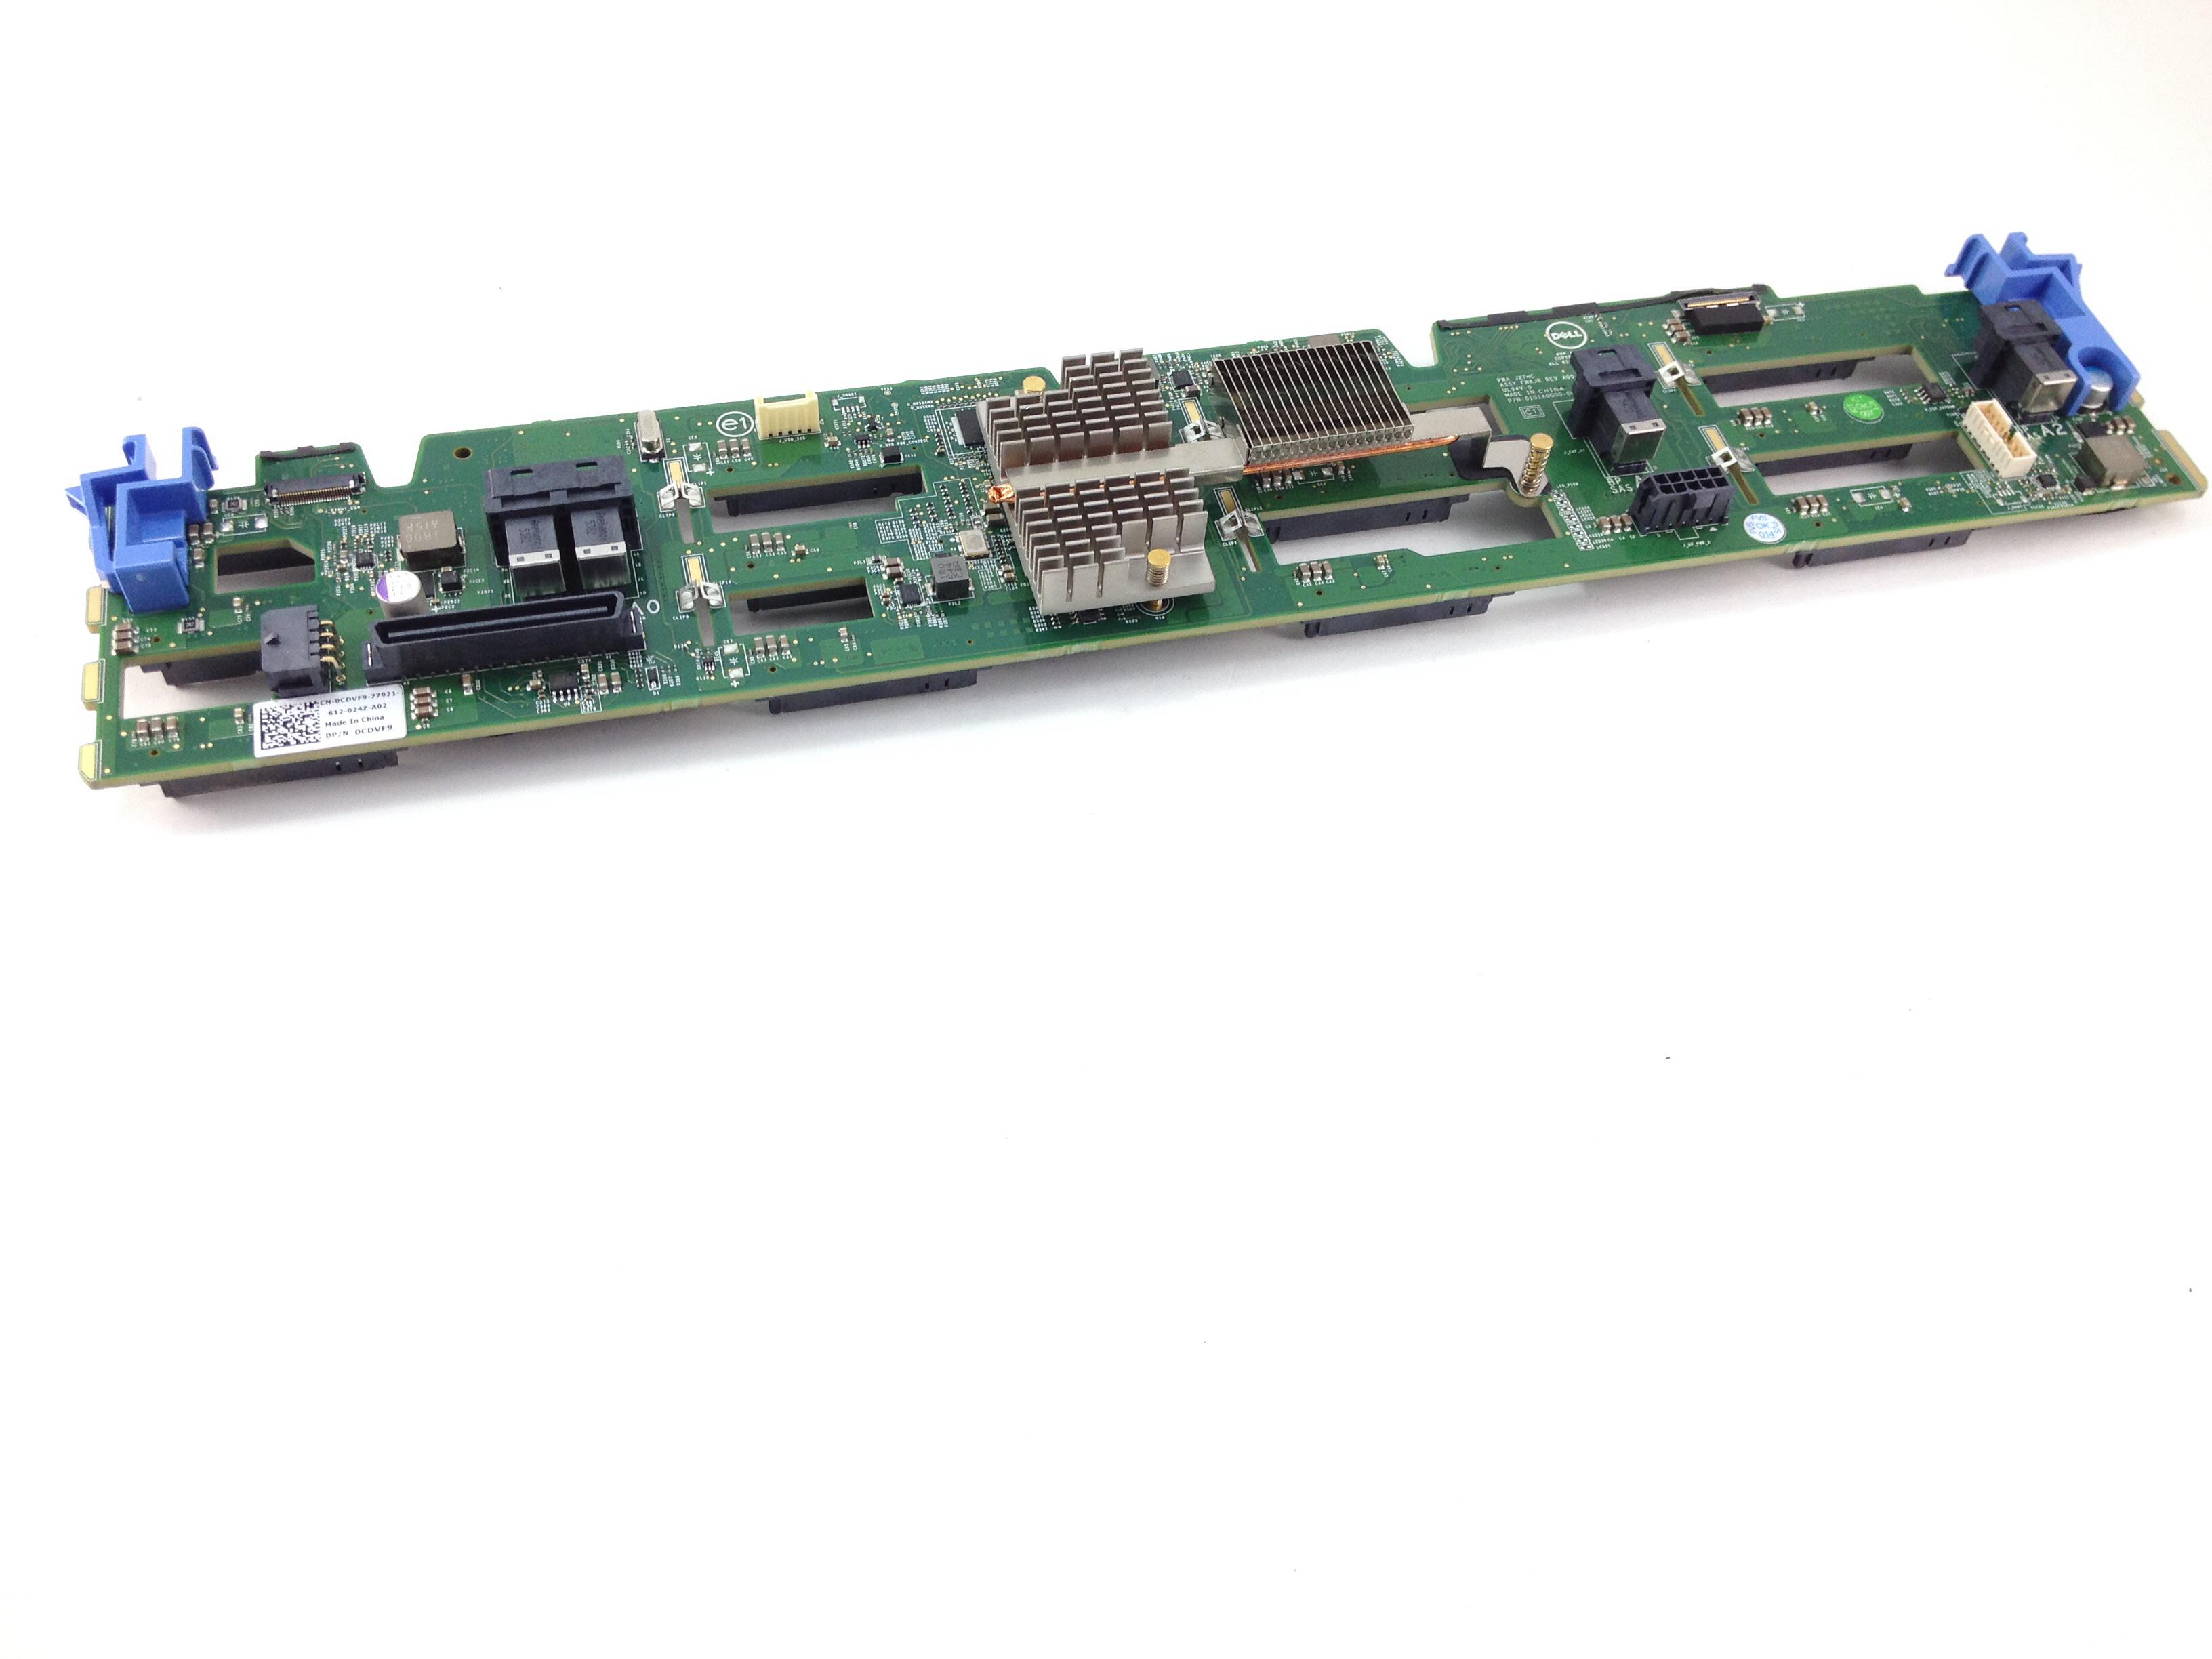 CDVF9 Dell PowerEdge R730xd 12 X 3.5 LFF HDD Backplane